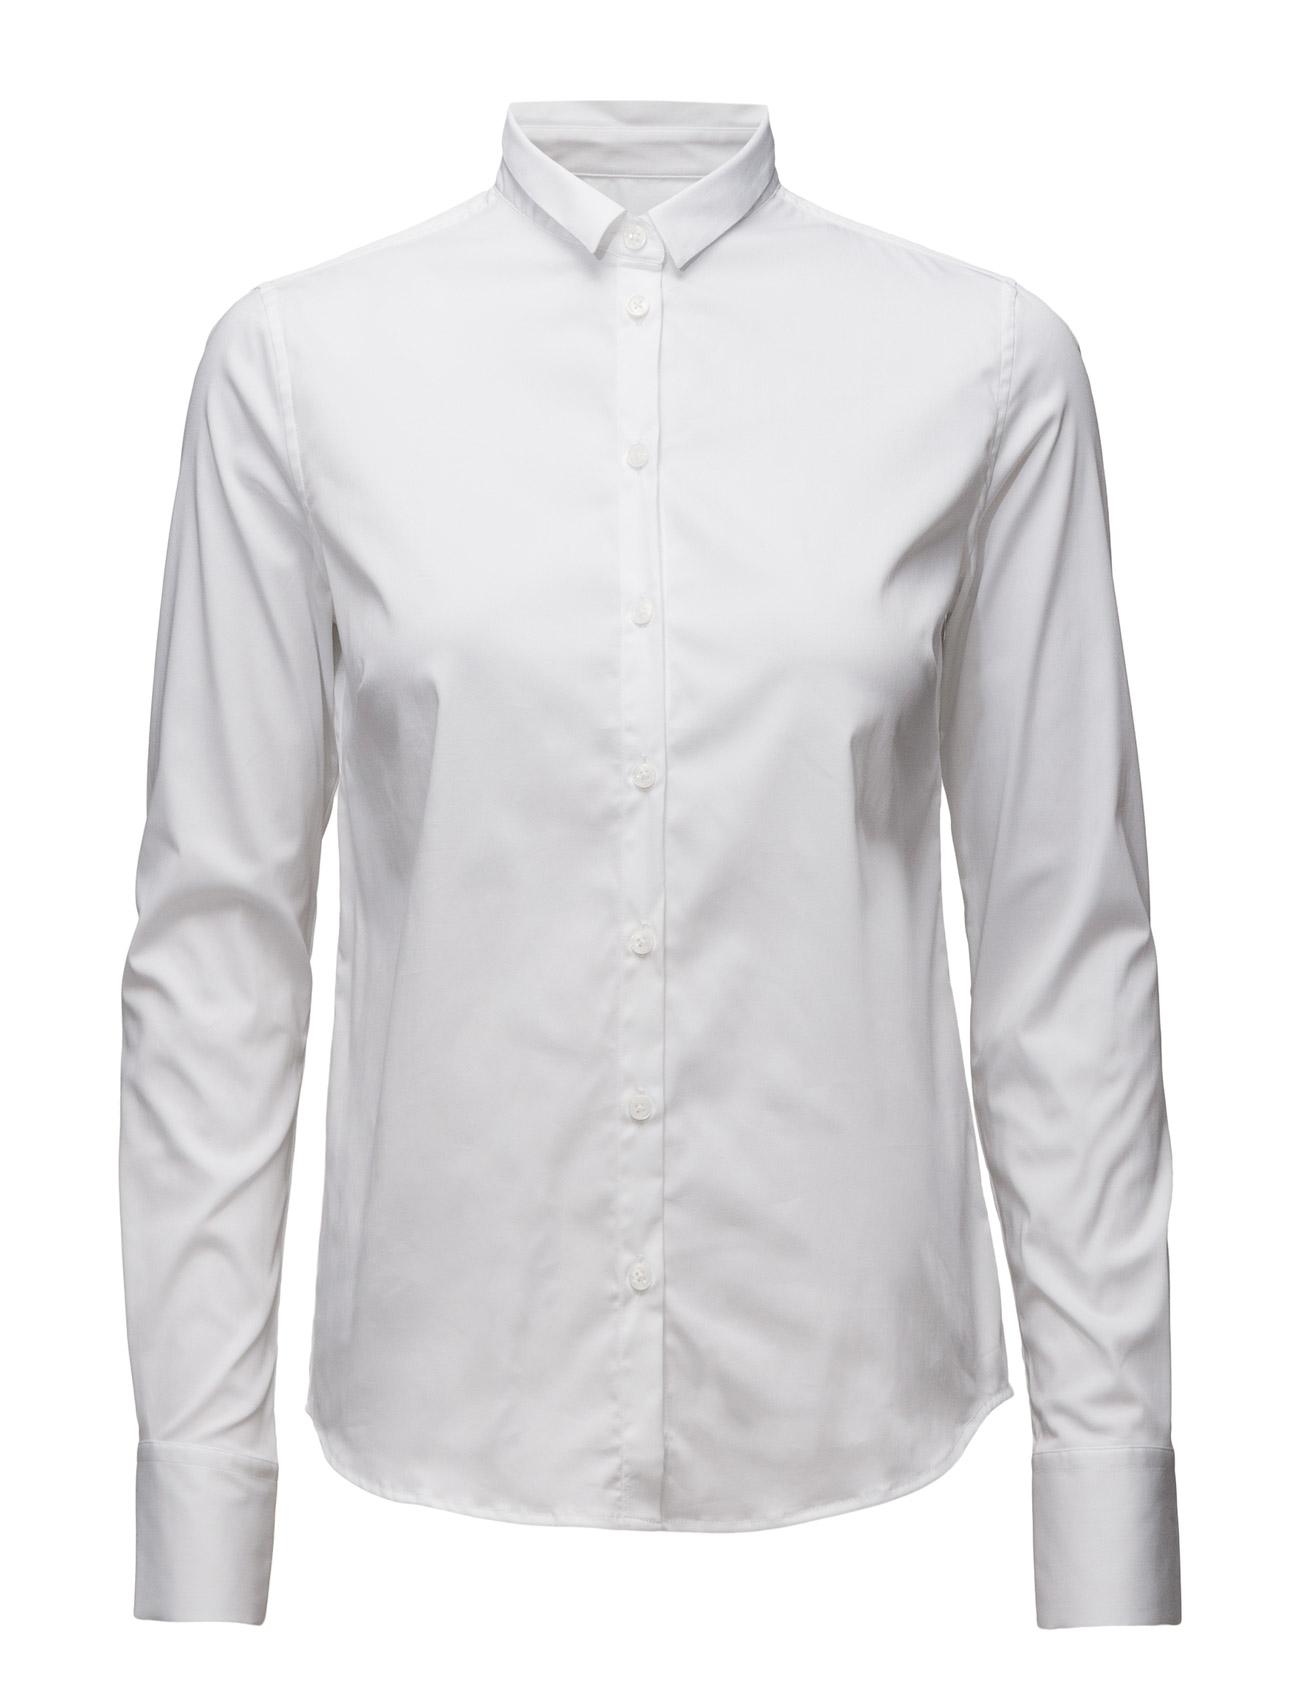 Image of Tilda Shirt (2387050575)